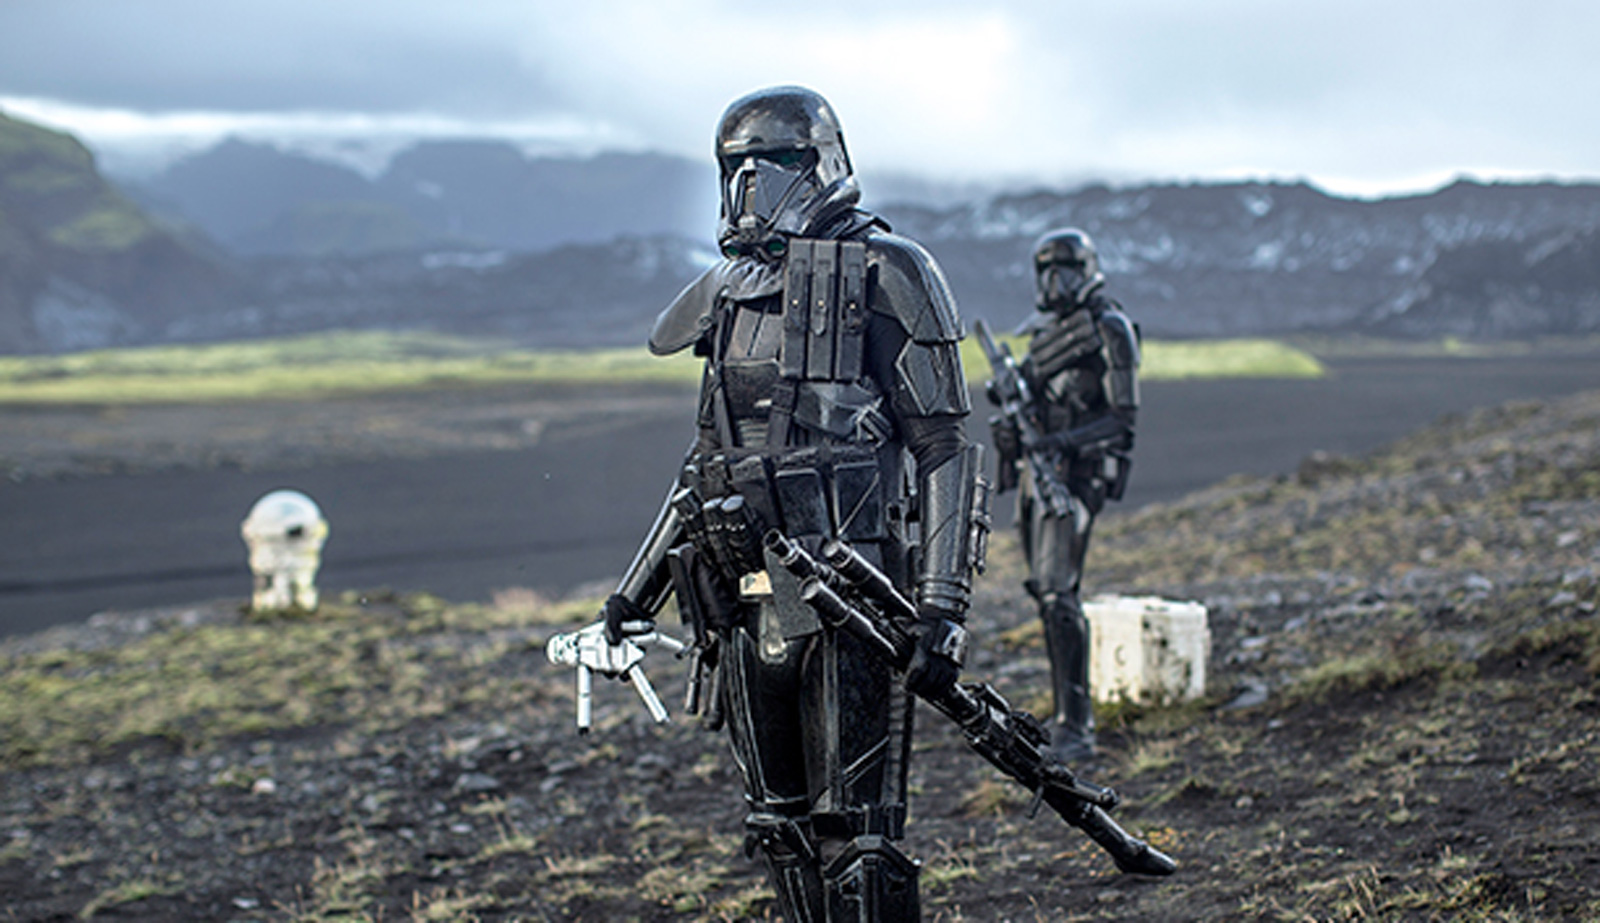 Star Wars Mandalorian Death Trooper 1600x923 Wallpaper Teahub Io